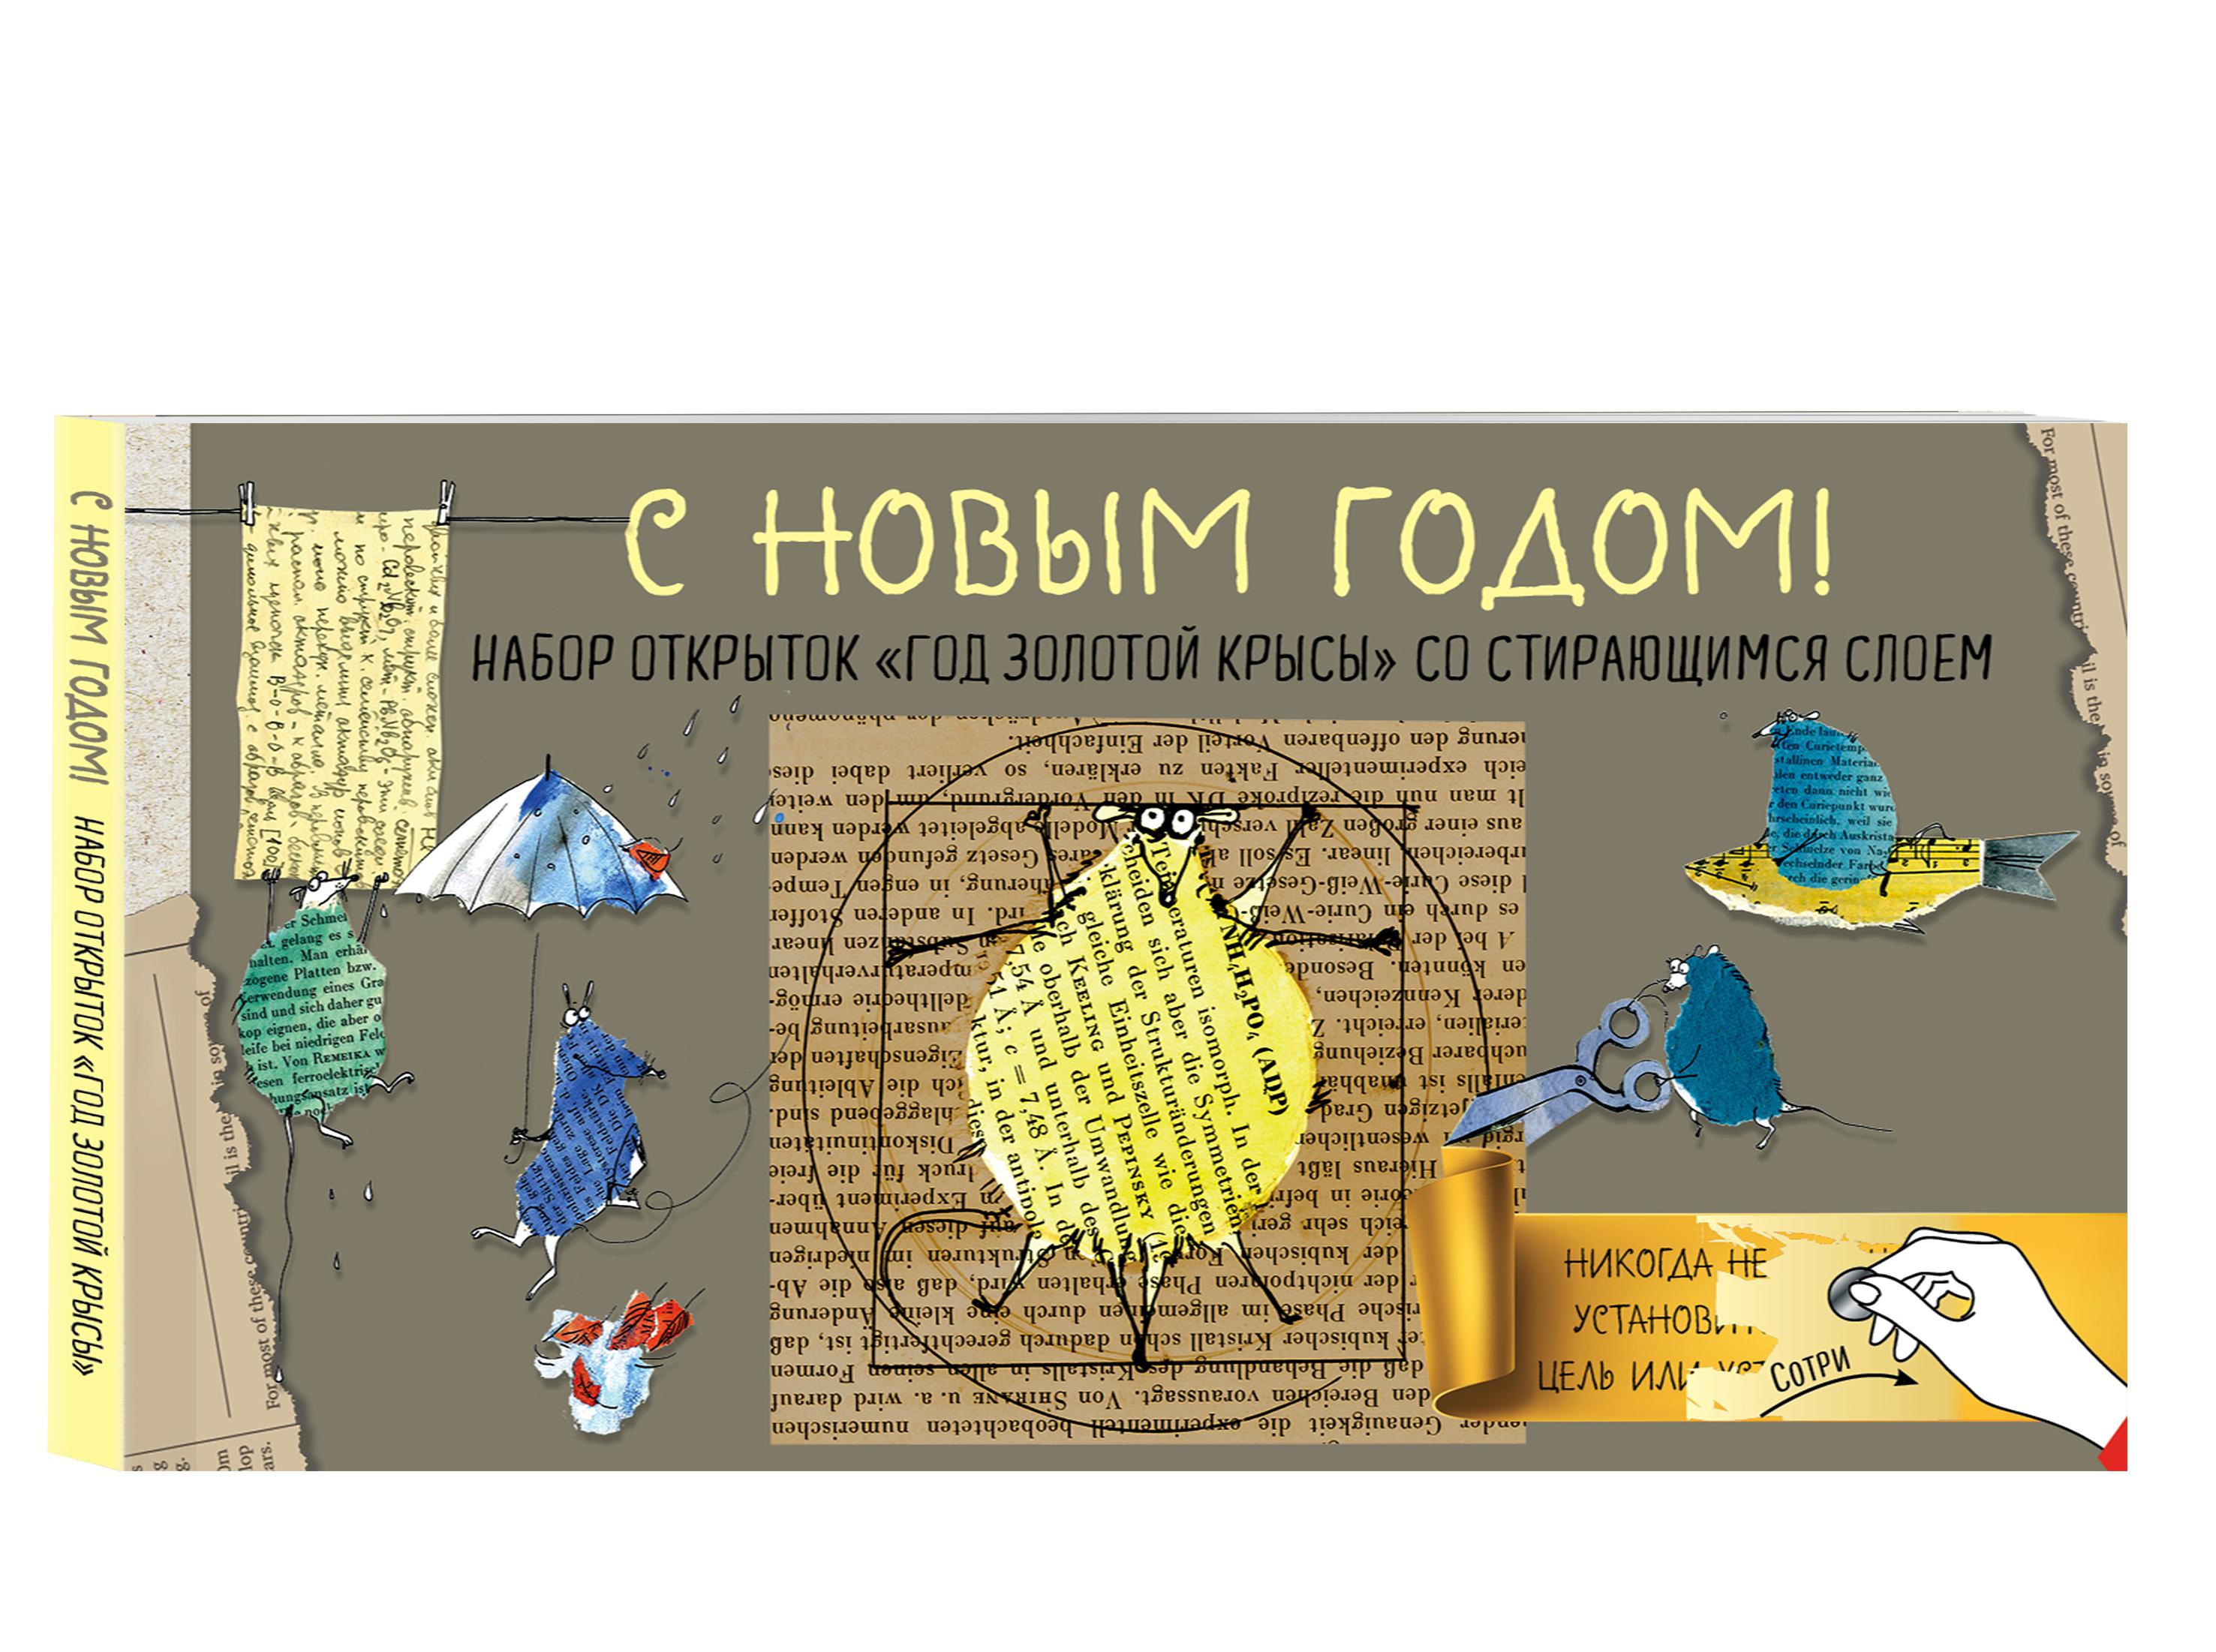 Хабибова А.С. С Новым годом! Набор открыток Год золотой крысы со стирающимся слоем современная финская гравюра набор из 12 открыток